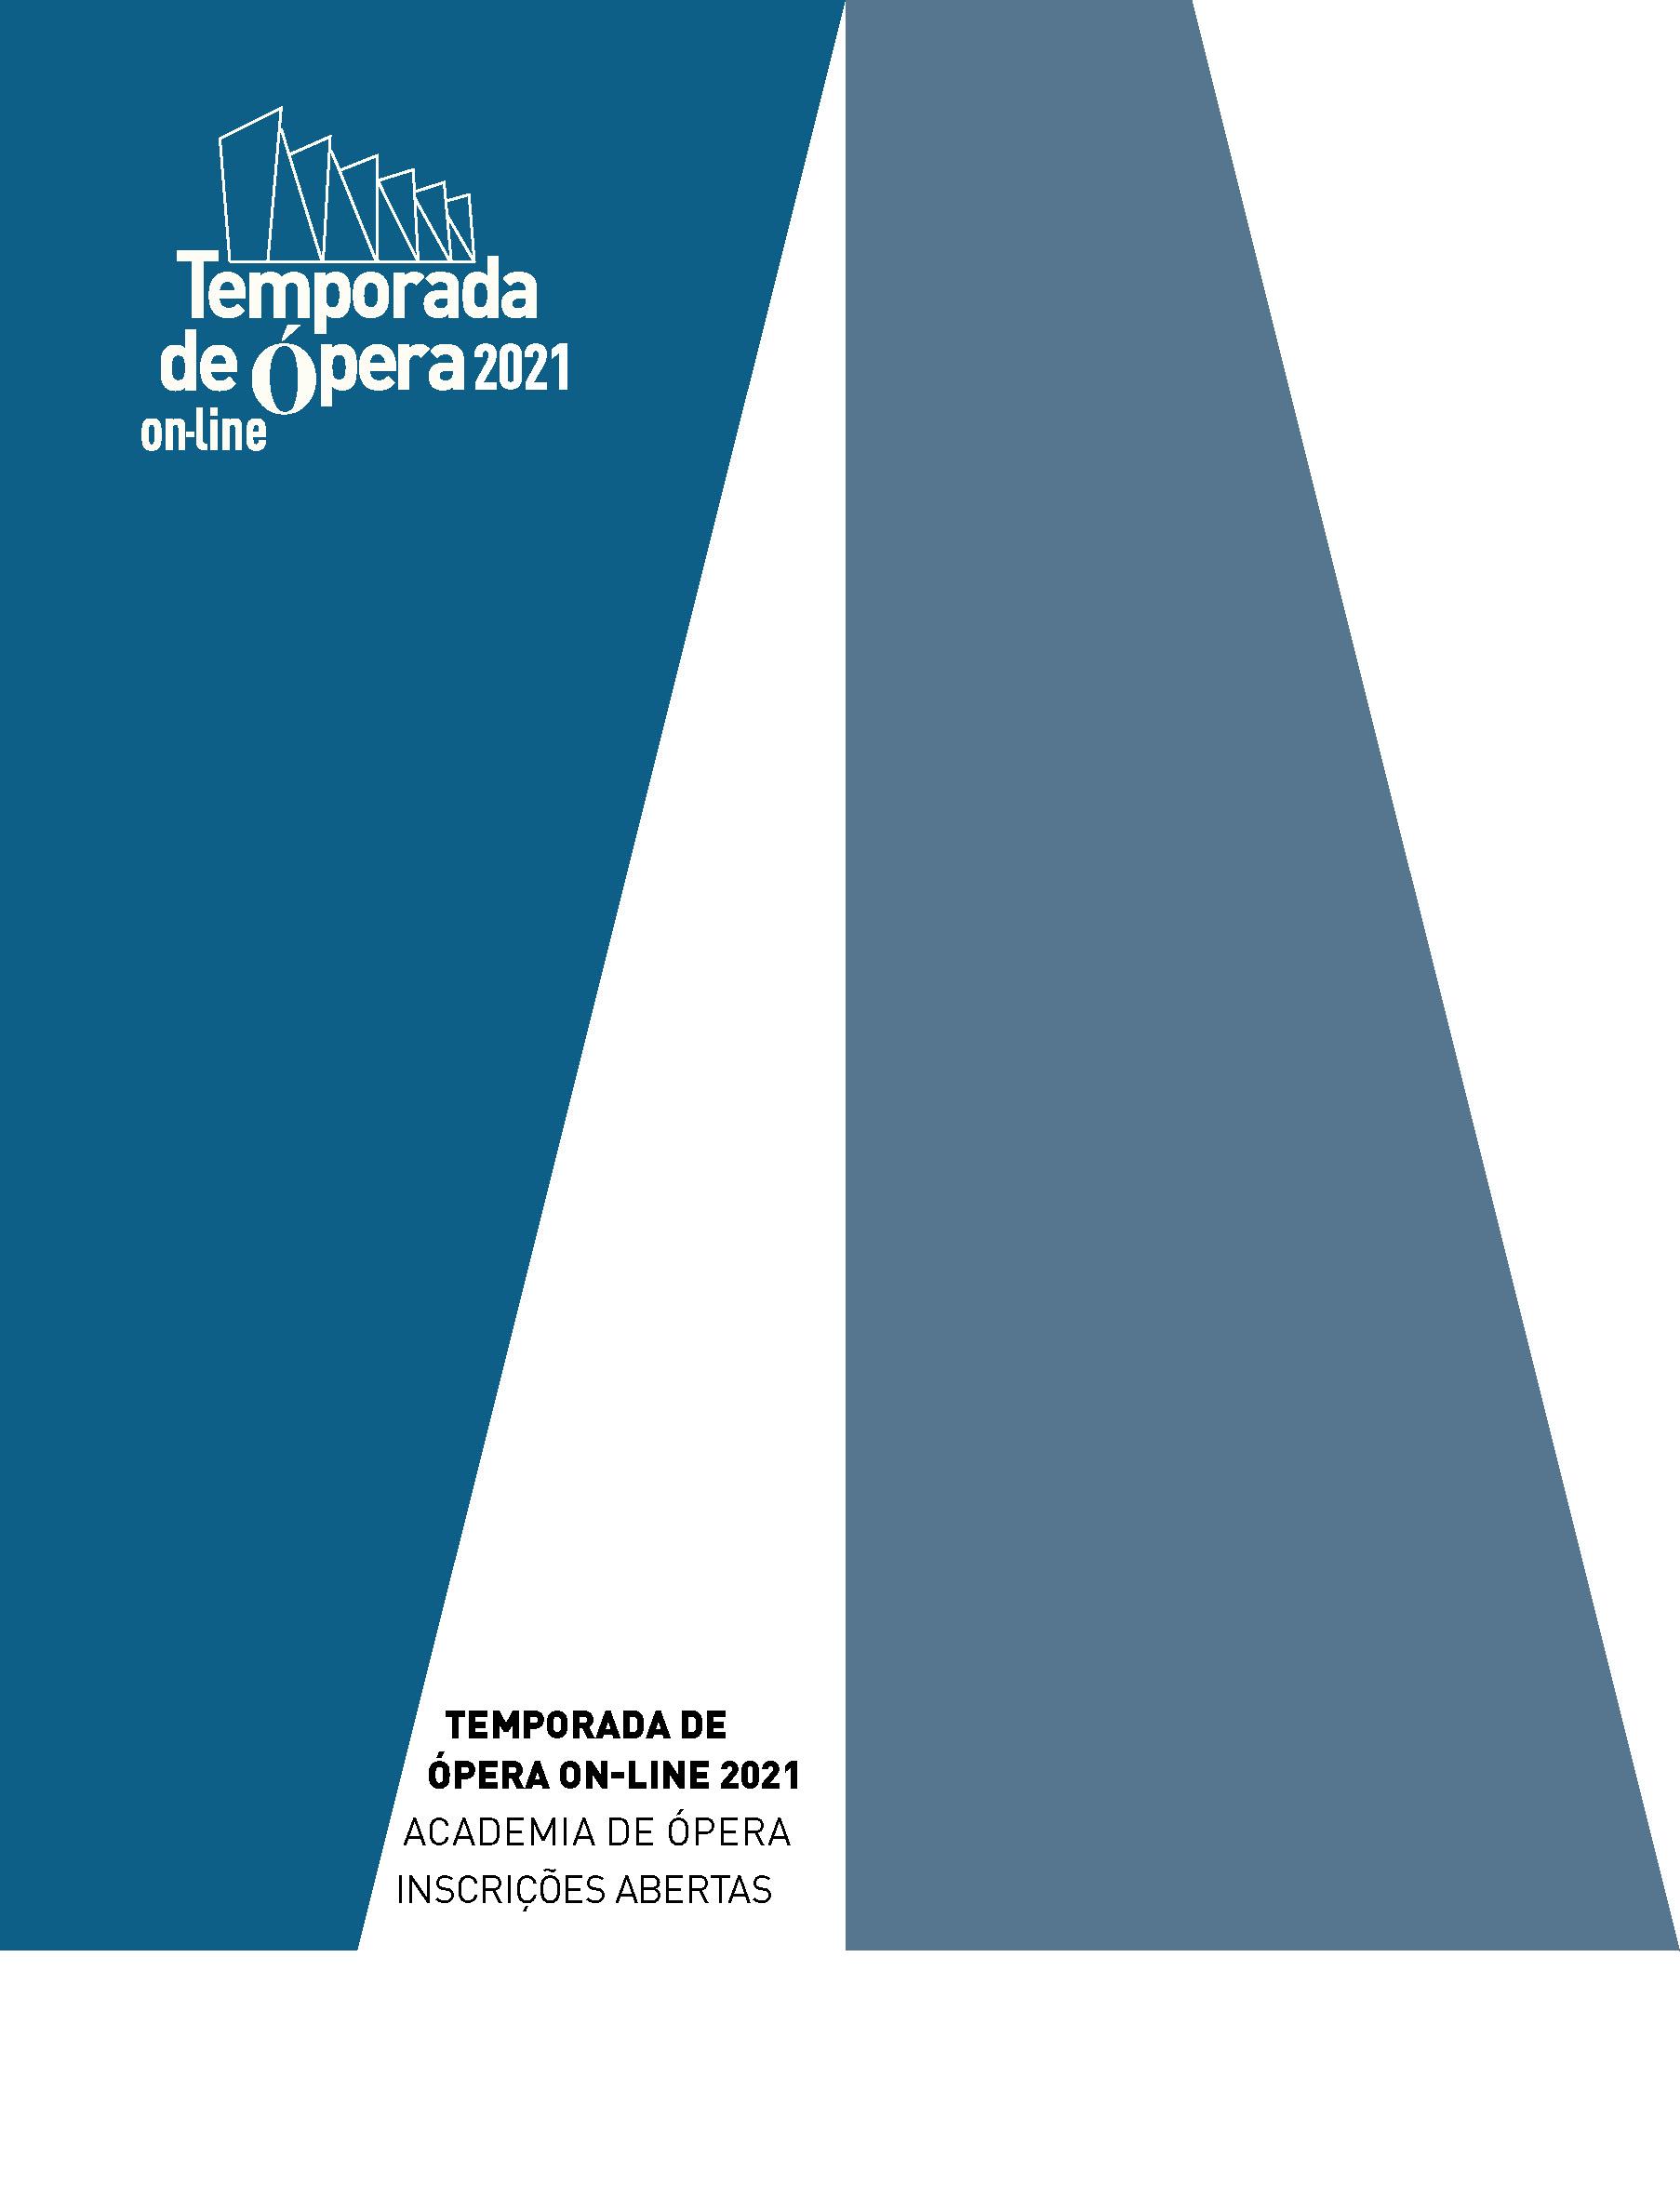 Evento: Temporada de Ópera on-line 2021